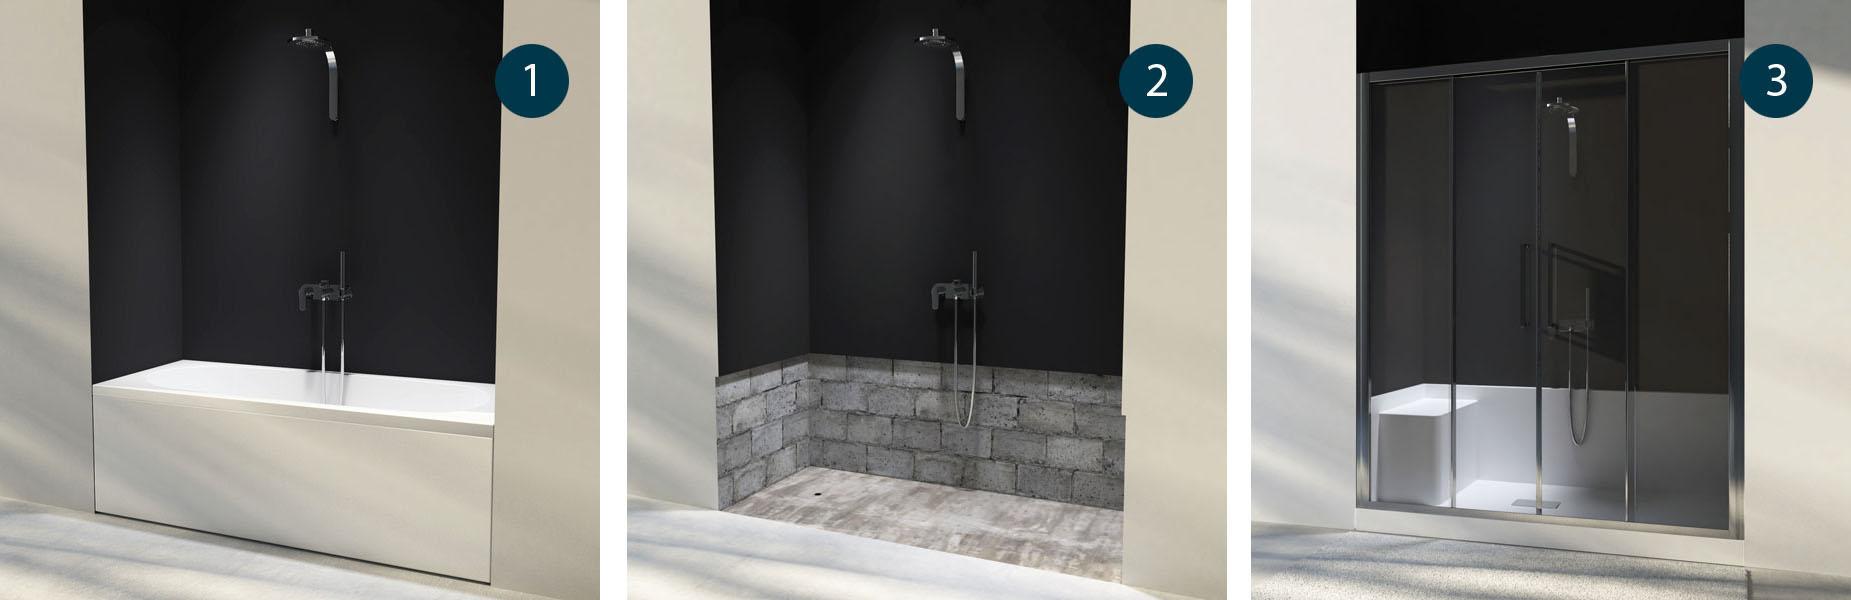 Box doccia da vasca a doccia vendita online italiaboxdoccia - Vasca doccia da bagno ...